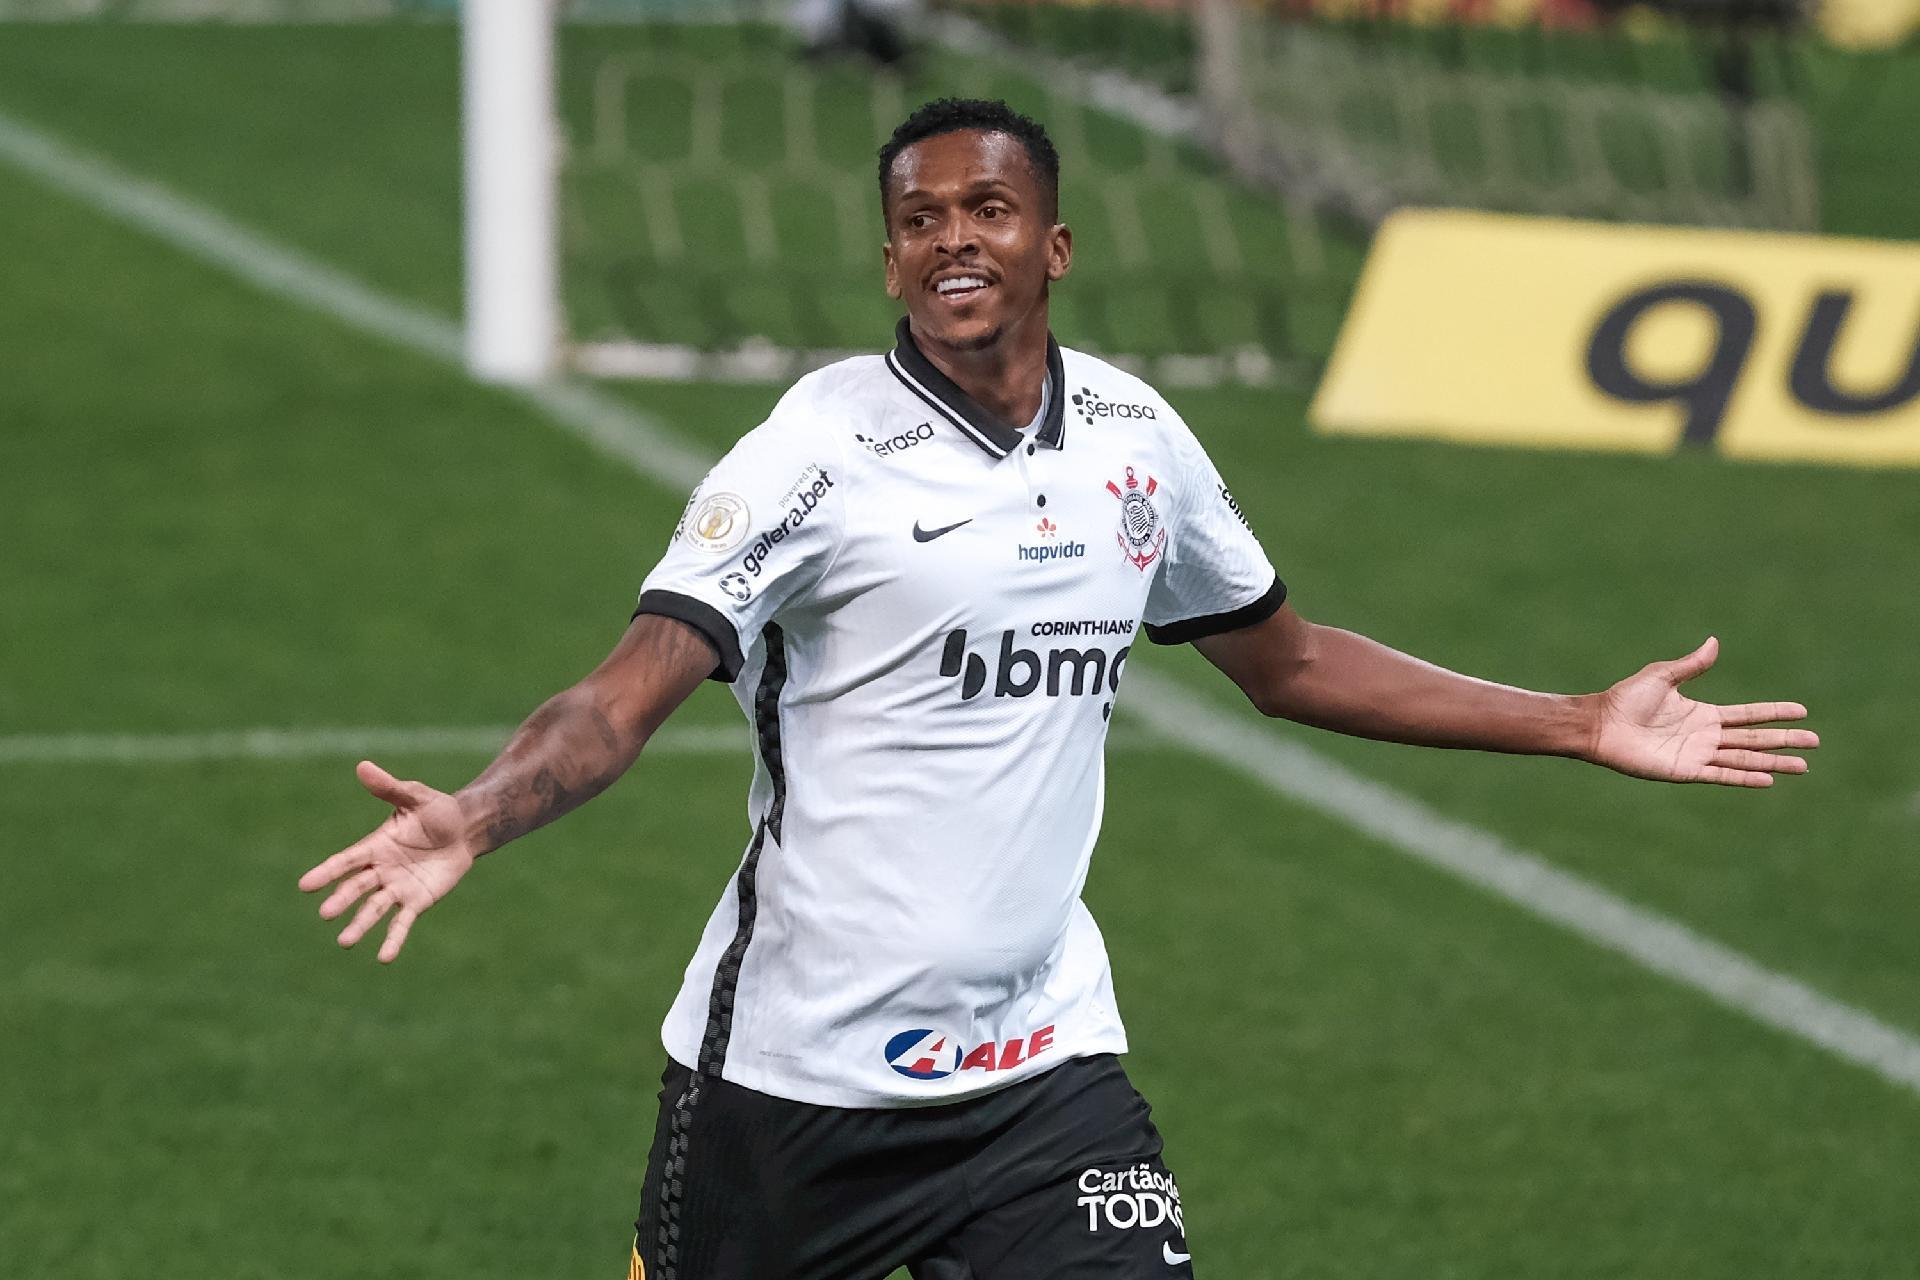 Após resposta da Fifa, Corinthians prepara recurso contra condenação por contratação de Jô